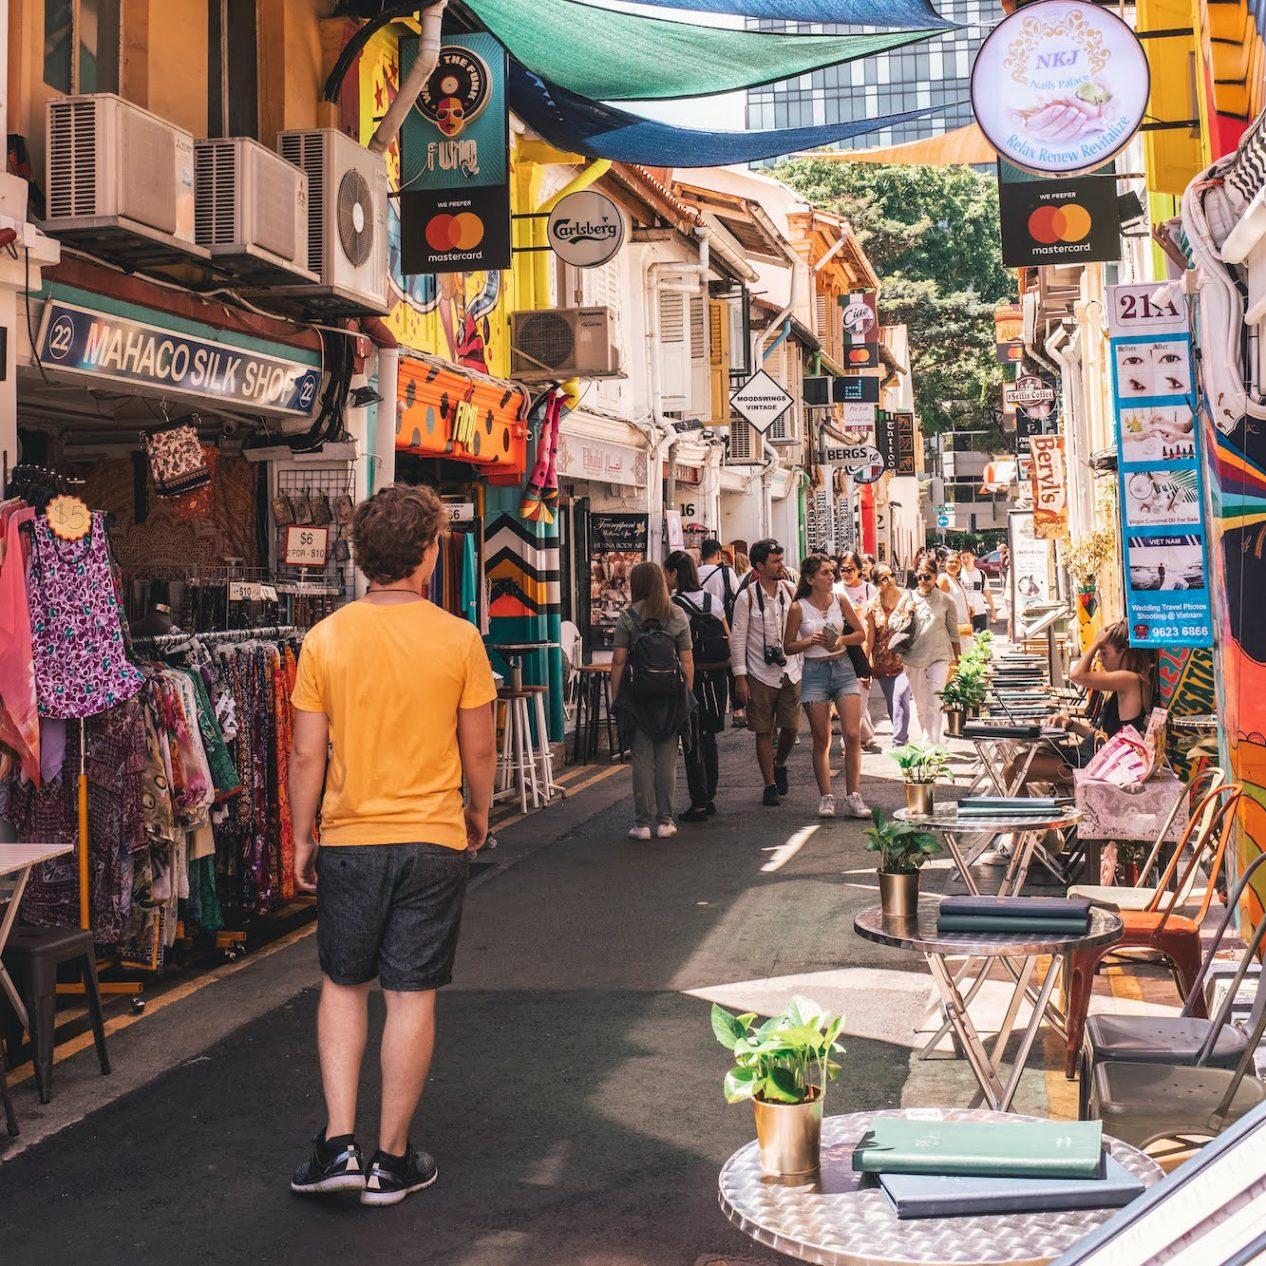 Rua com lojas locais em ambos os lados e várias pessoas a passar nela